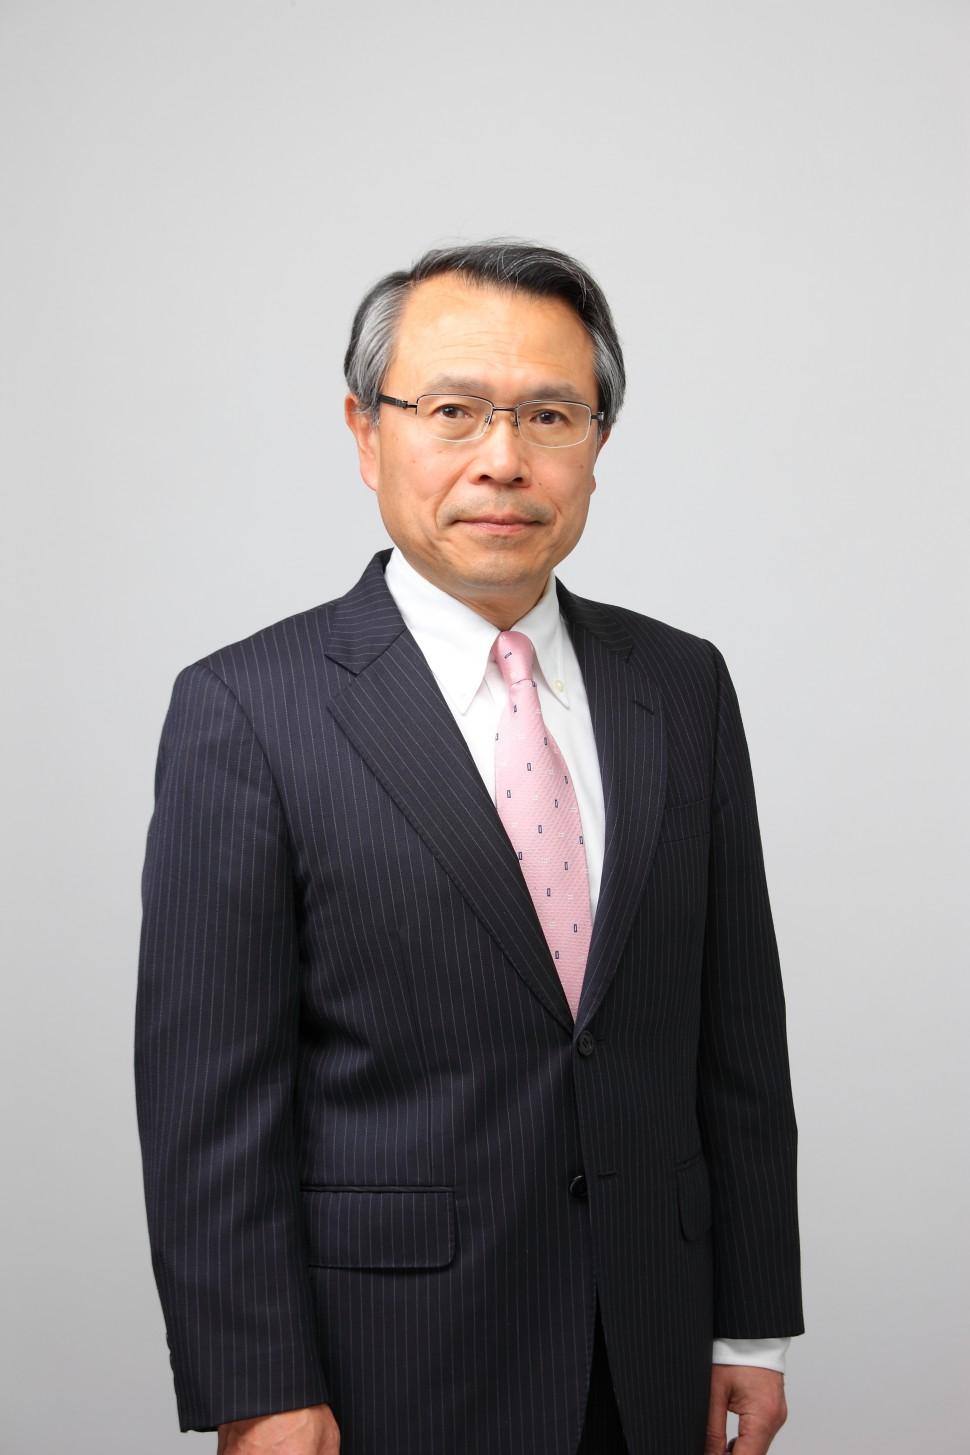 中島多加志氏